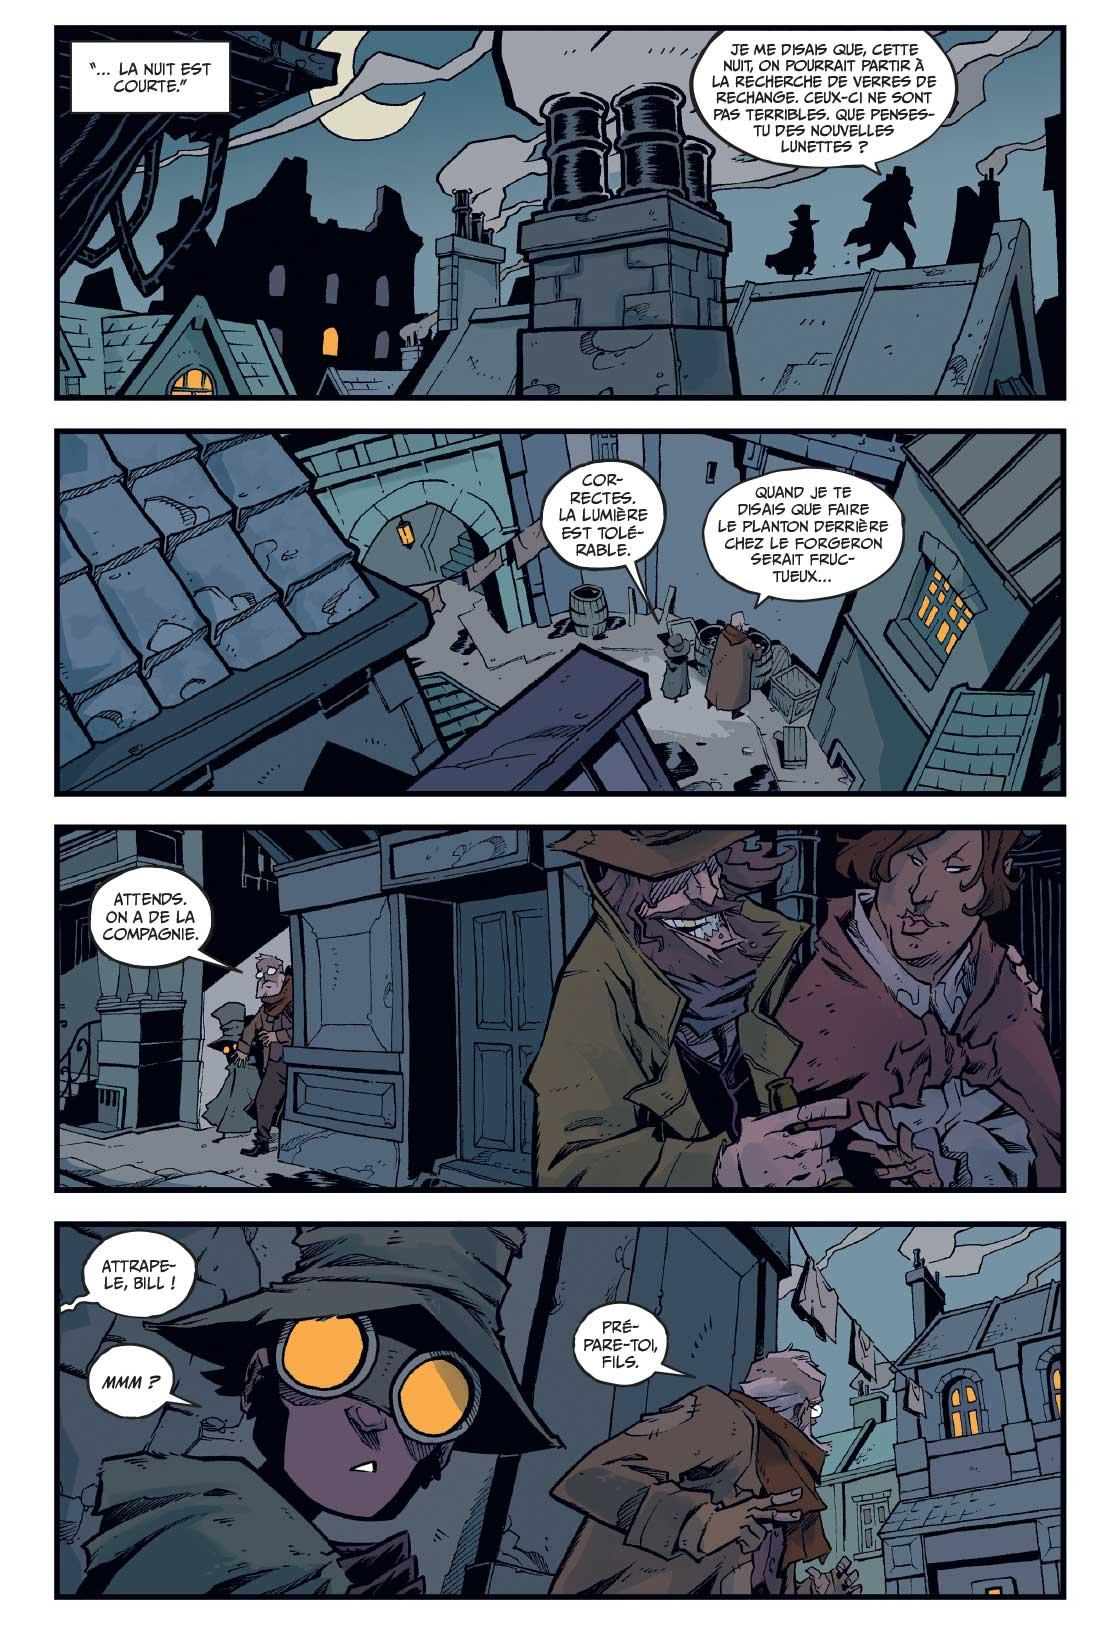 Les incroyables aventures de l'enfant plume T1  page 17